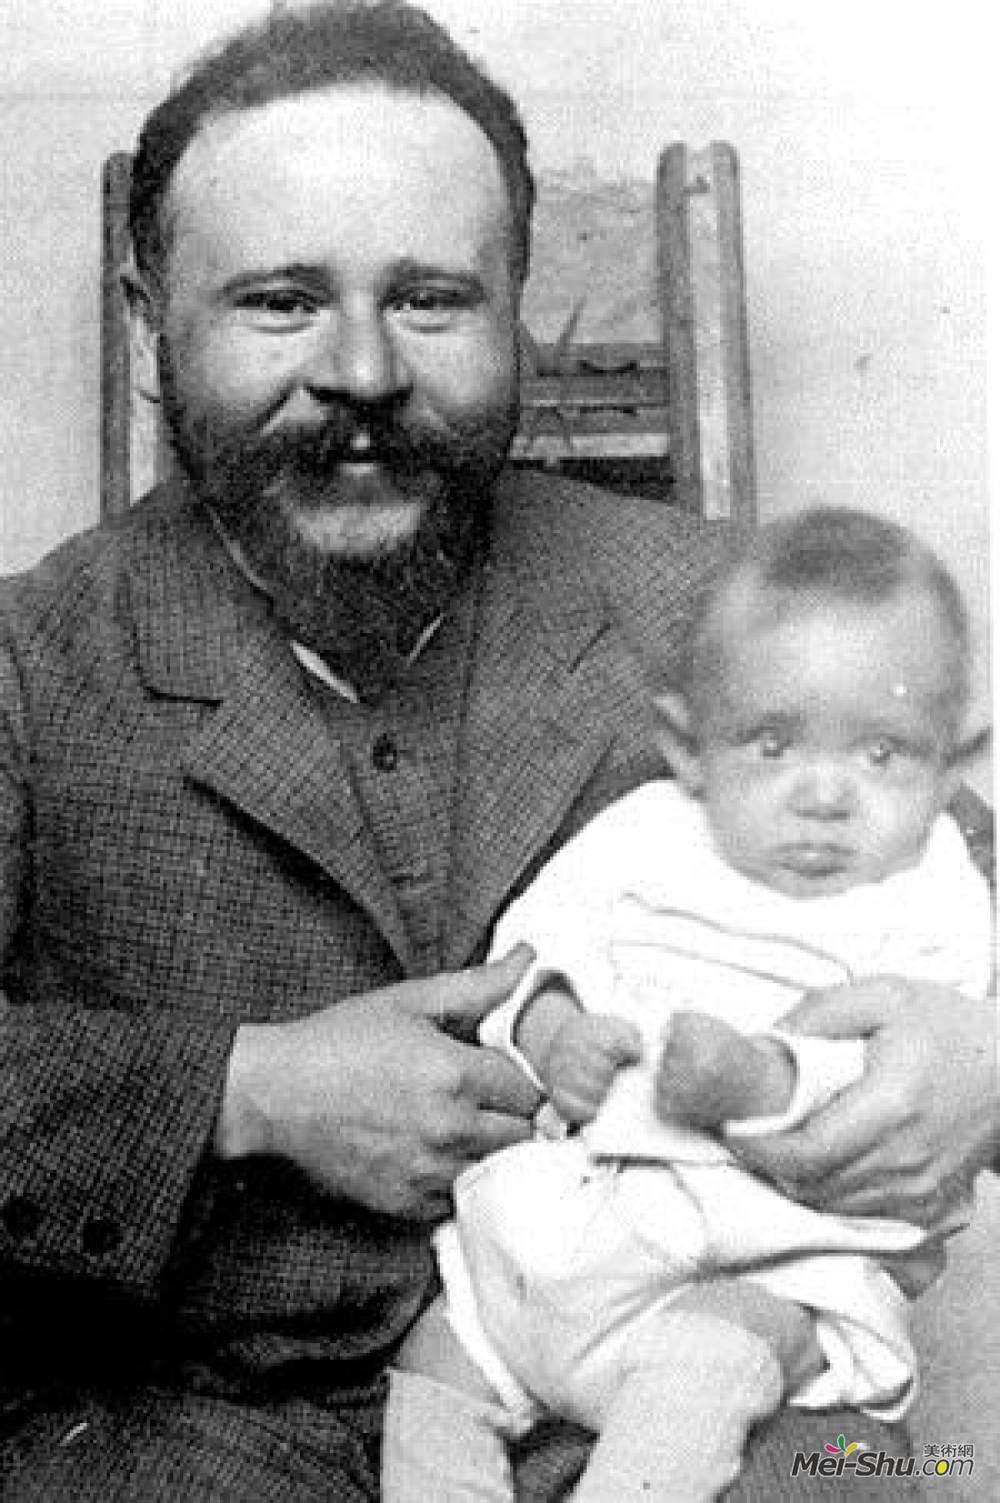 亞瑟西格爾(Arthur Segal)